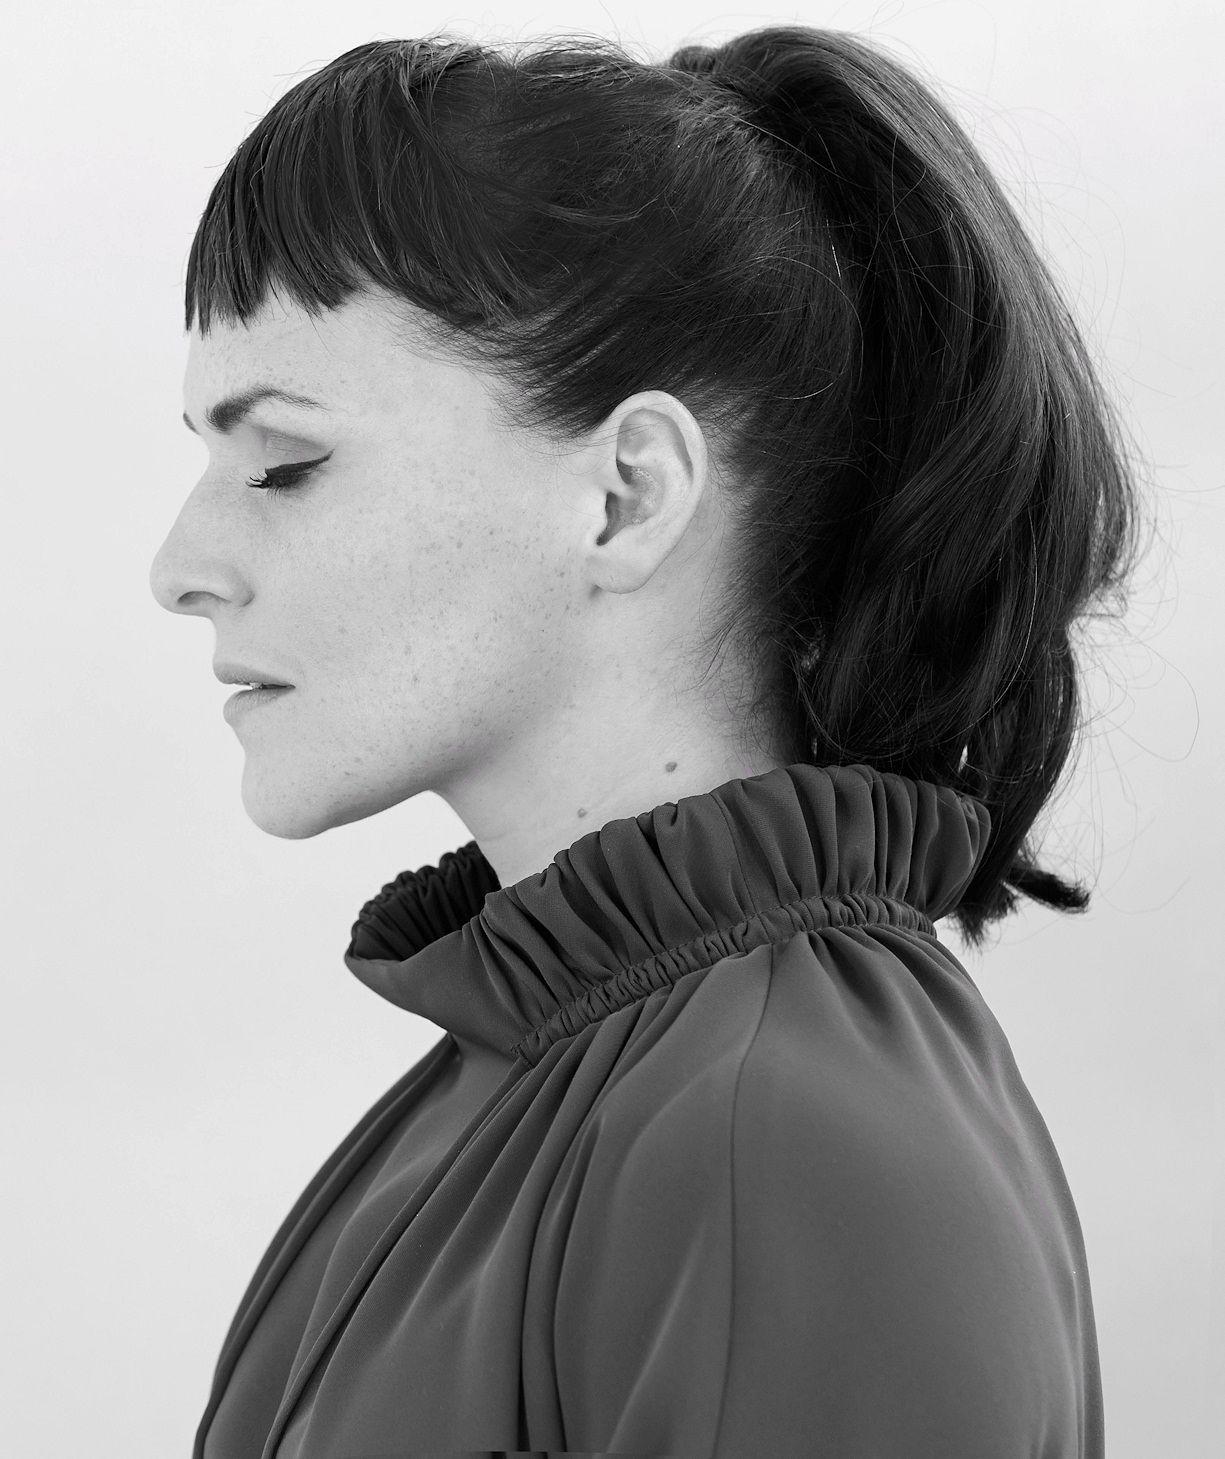 Classify Icelandic singer Emiliana Torrini